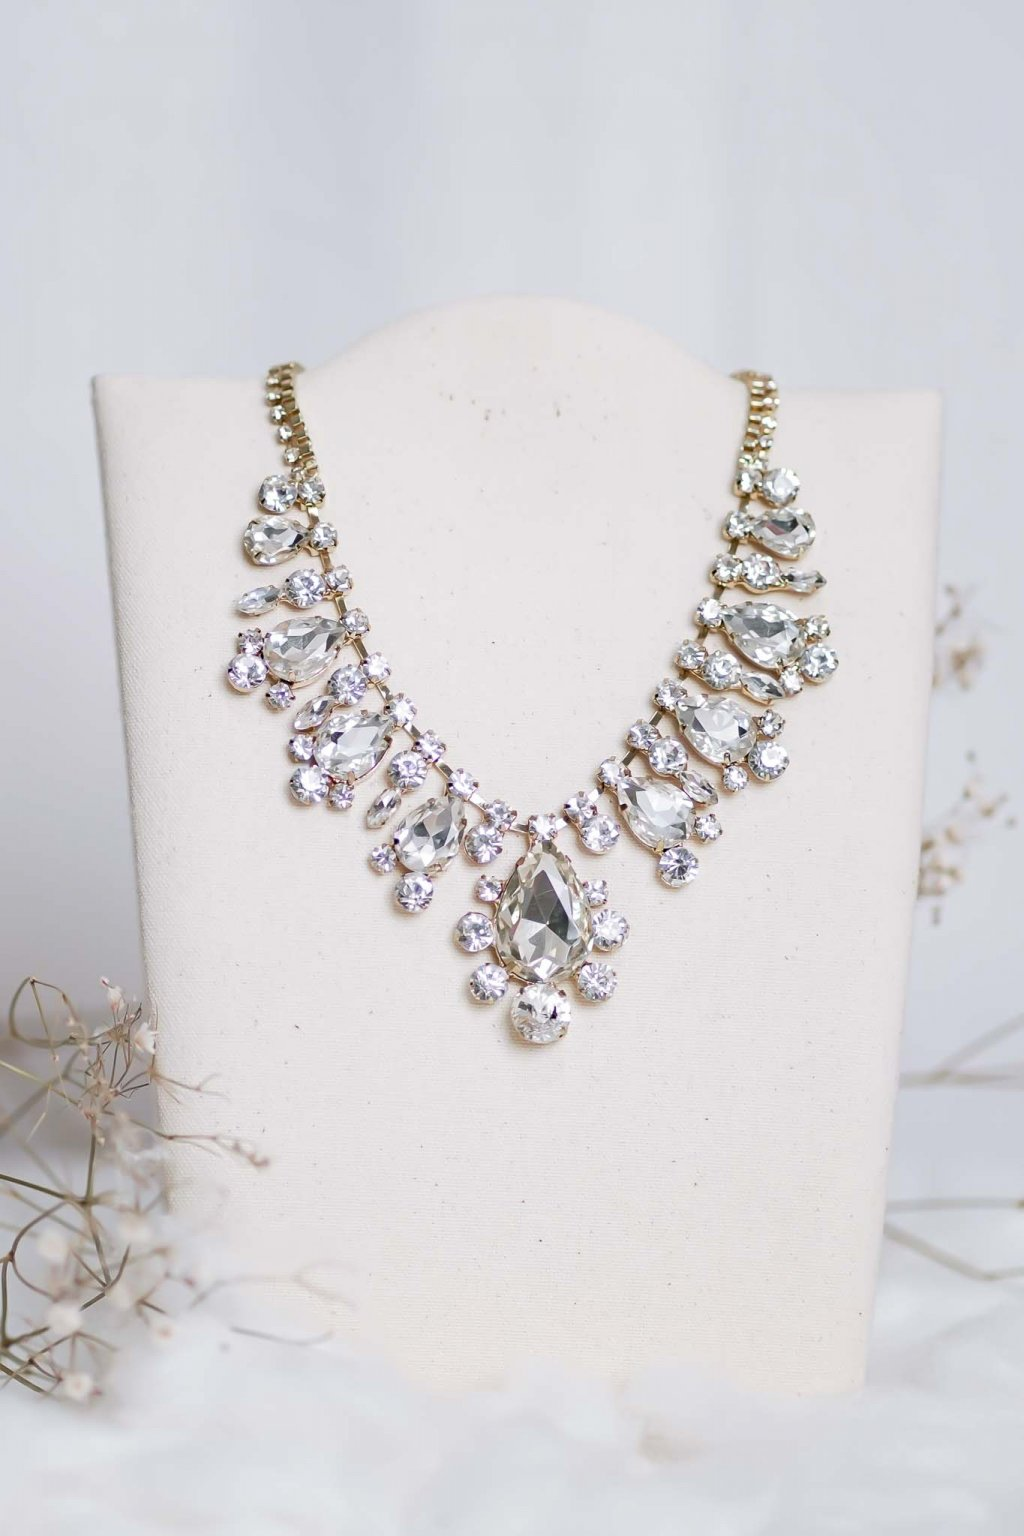 náhrdelník, spoločenský, bežný deň, kamienkový, farebný, čierny, strieborný, zelený, cyklamenévy, náhrdelník, bižuteria, šperk, šperky, ples, stužková, svadba, 013